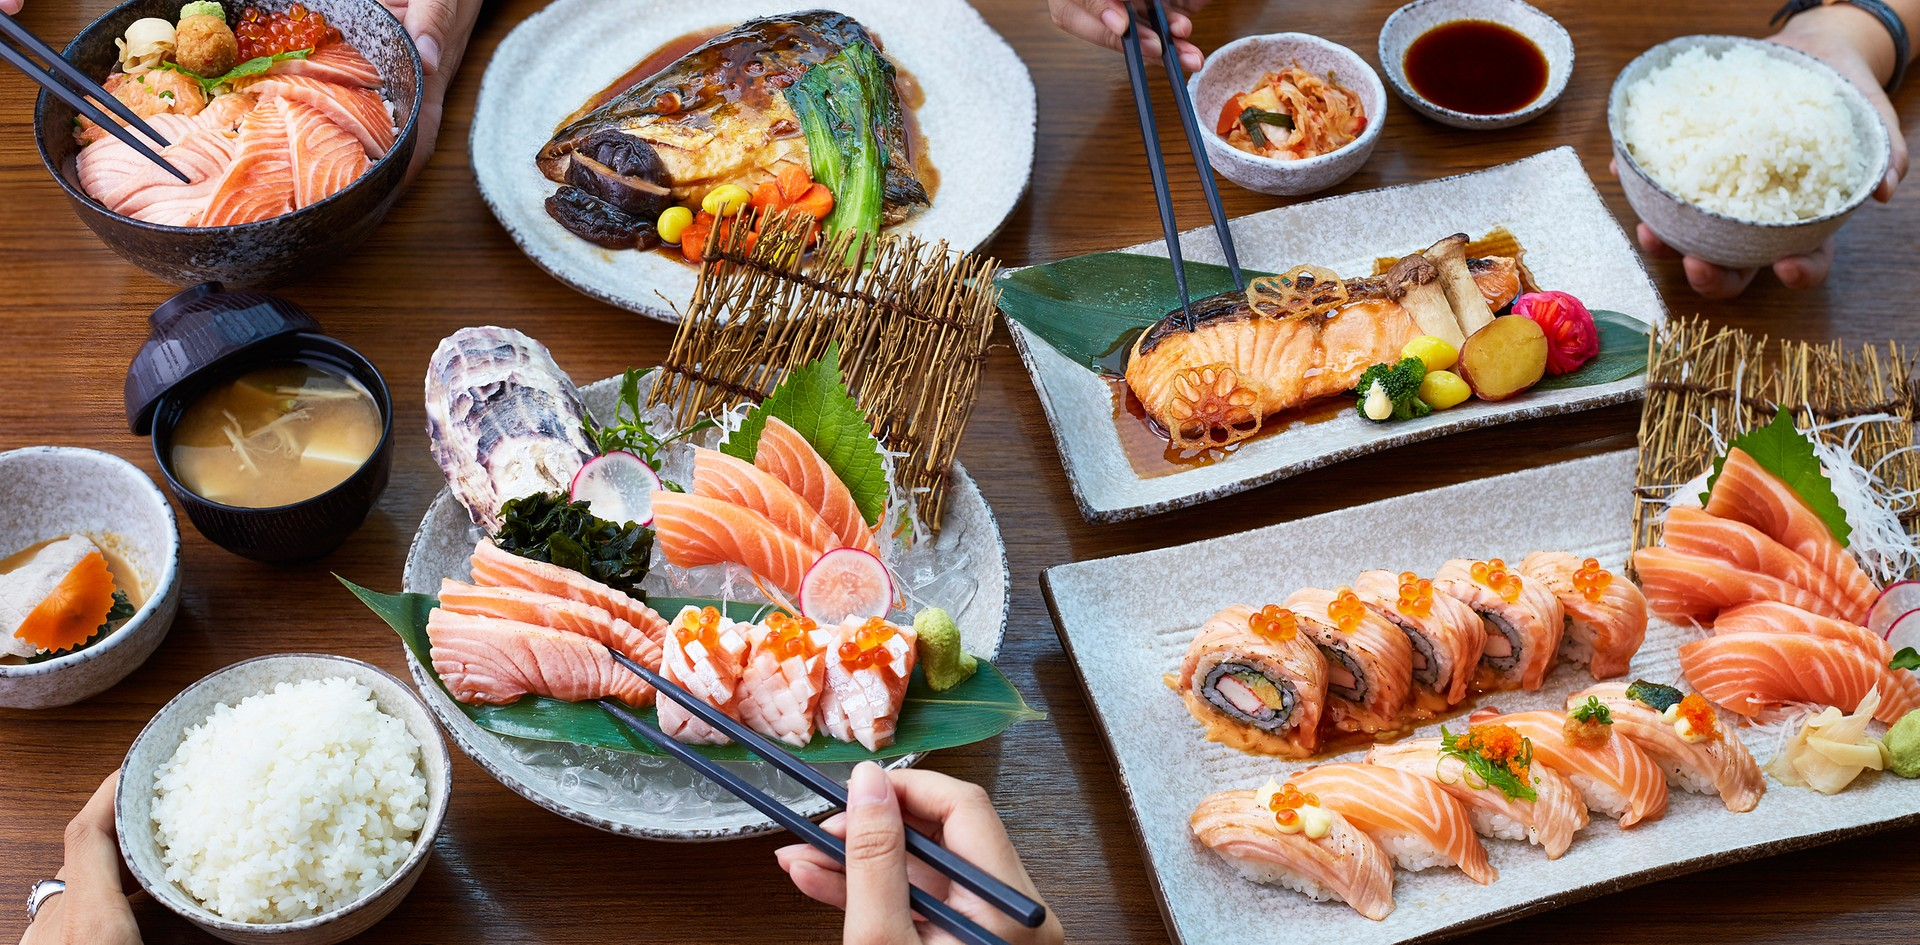 ล่าแซลมอนกันไม่ยั้ง! ในเทศกาล Salmon Hunter เริ่มต้นเพียง 250 บาท @ZEN